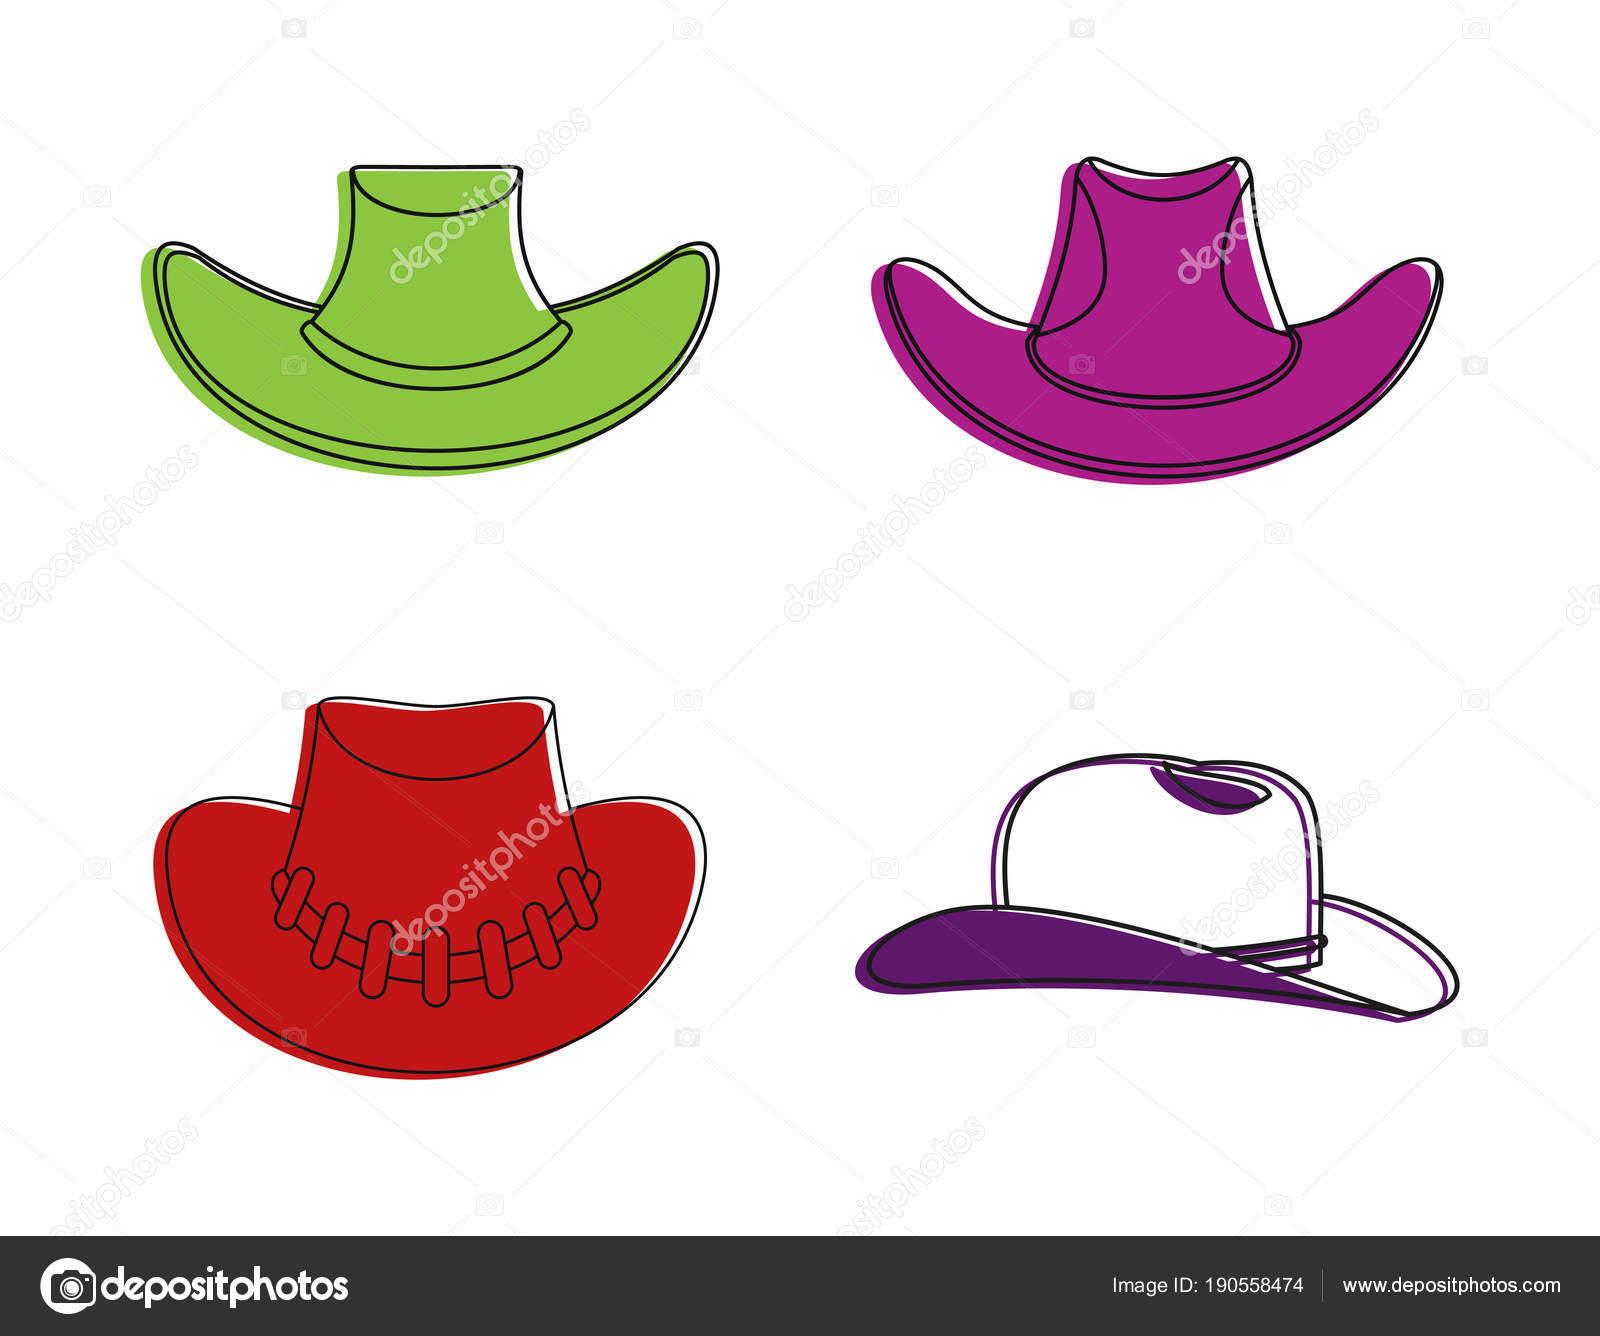 Conjunto de iconos de sombrero de vaquero. Color esquema conjunto de iconos  de vector de sombrero de vaquero para diseño web aislado sobre fondo blanco  ... 4872972a800